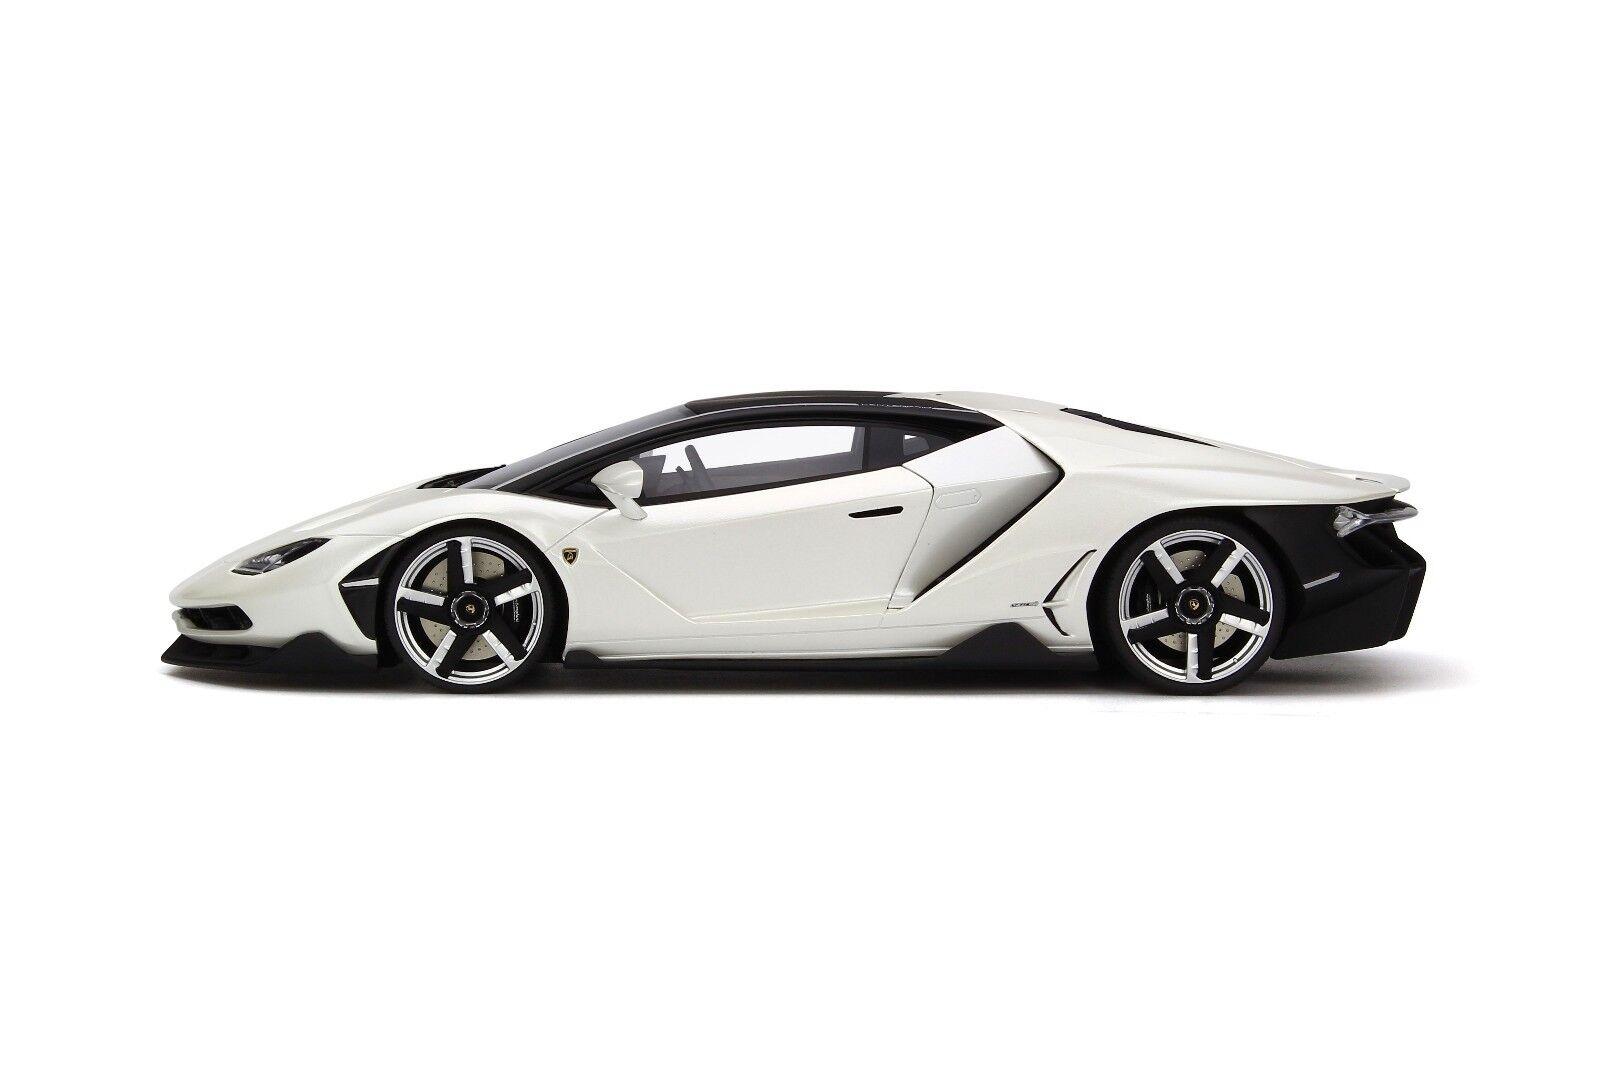 LAMBORGHINI centenario    NUOVO  GT Spirit gts18503w  1 18 3d7a65